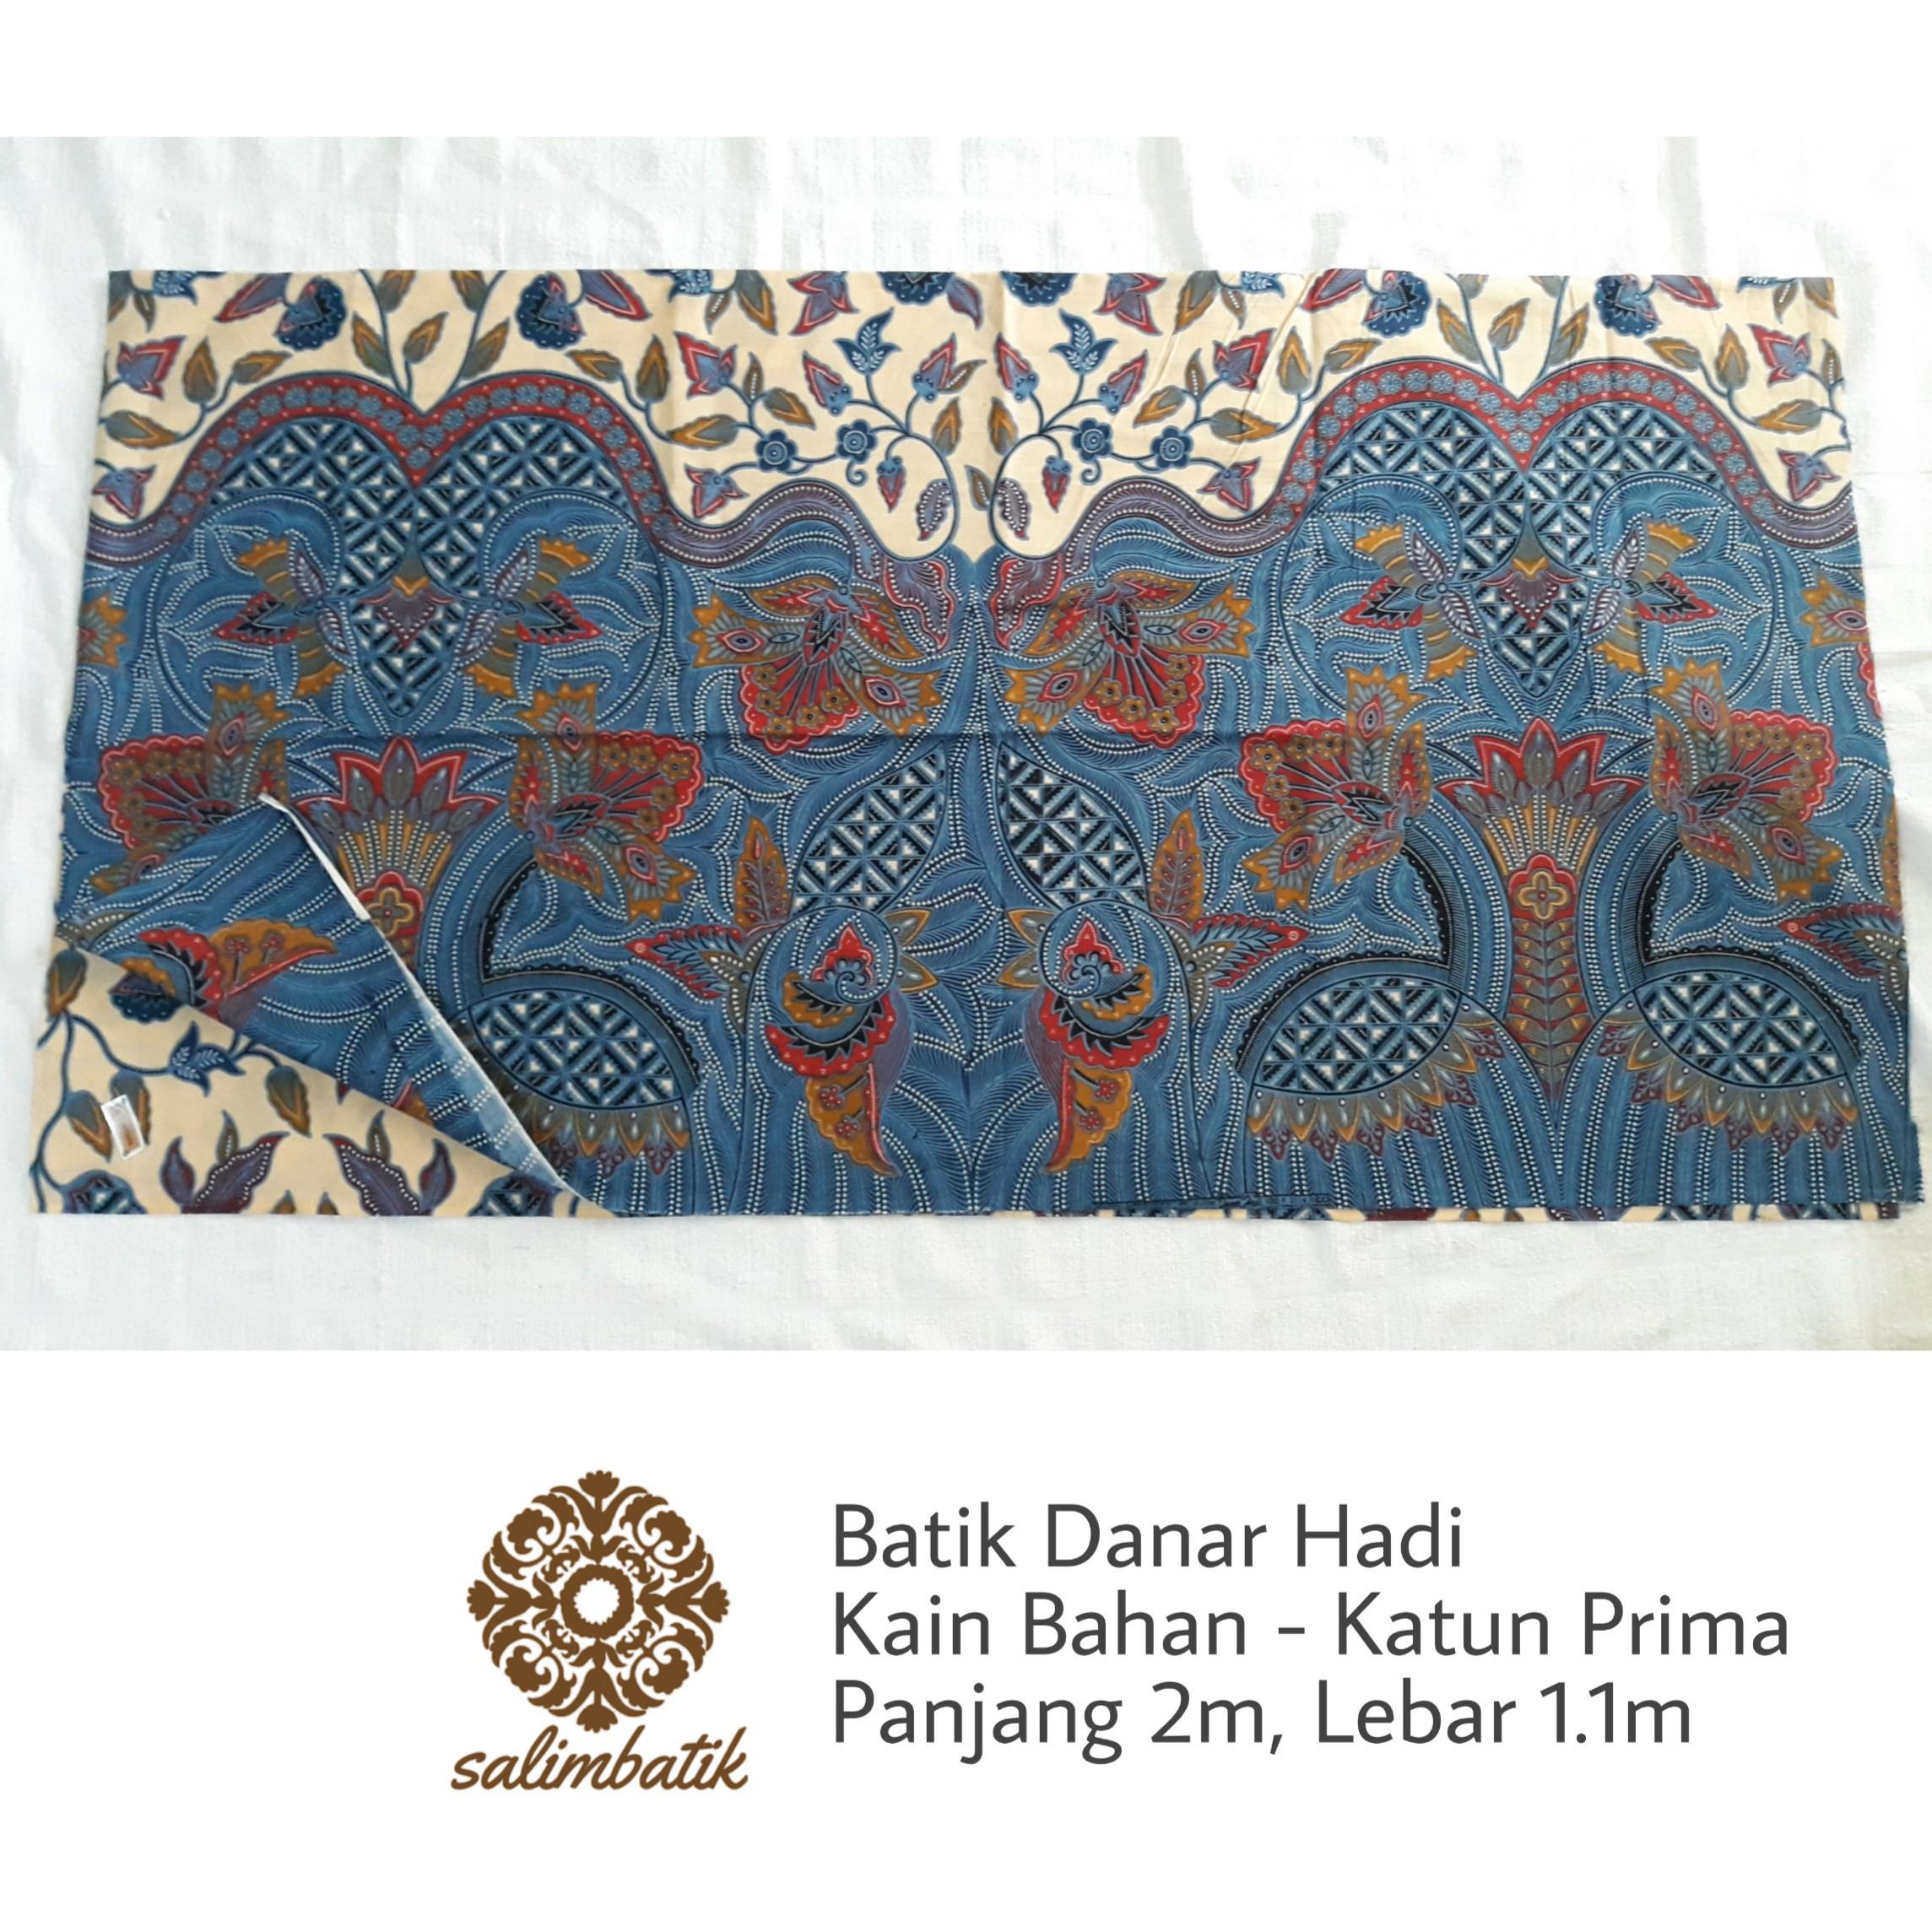 Kain Bahan Batik Danar Hadi Solo Motif 1508